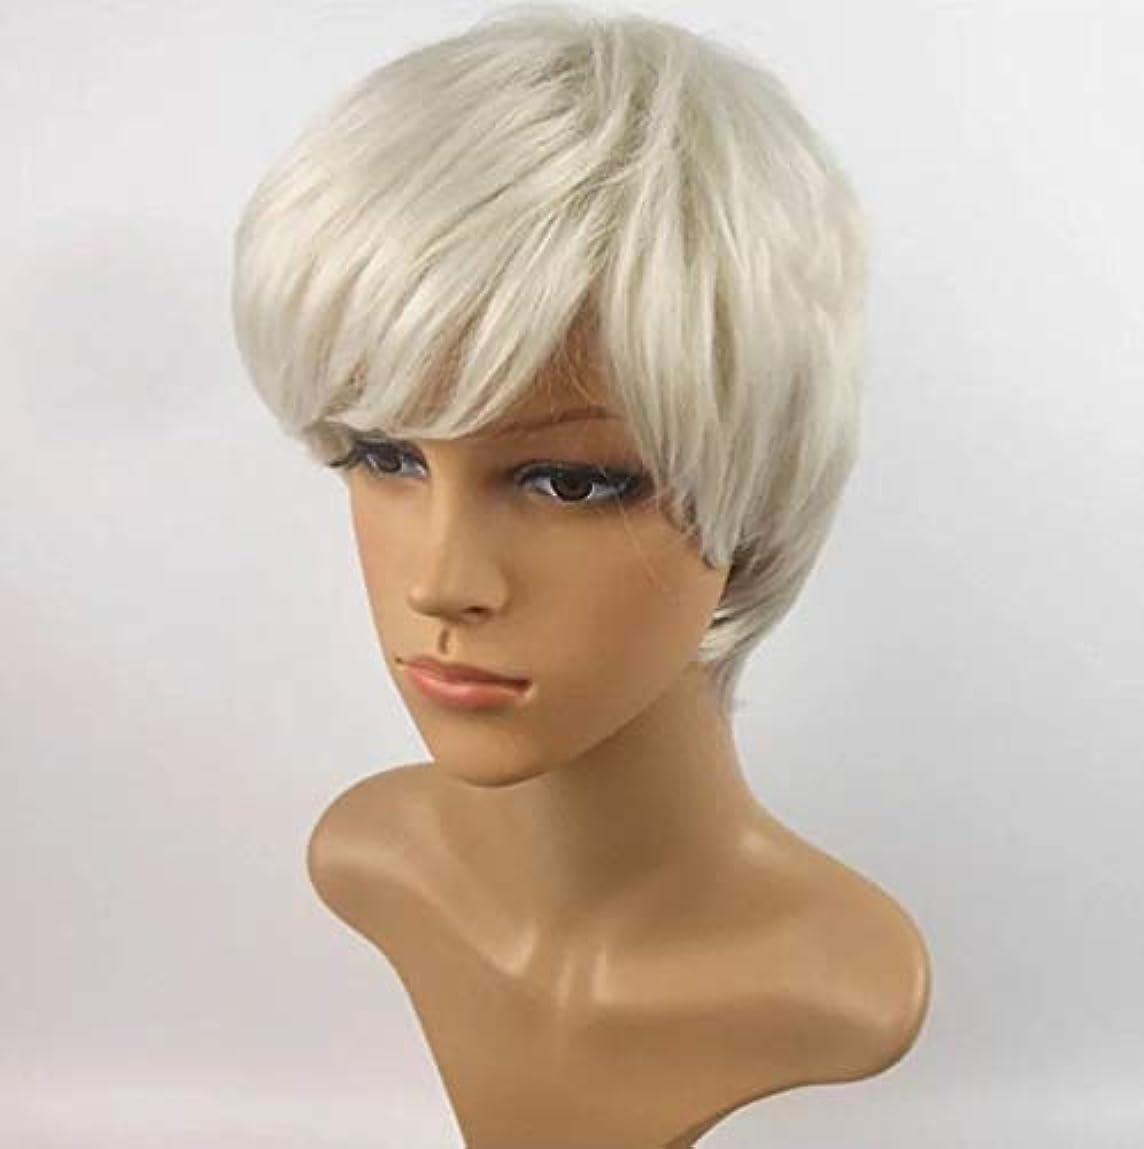 顔料コードレスタフSummerys 短い巻き毛のかつら髪かつら女性のための自然な耐熱フルウィッグ (Color : White)